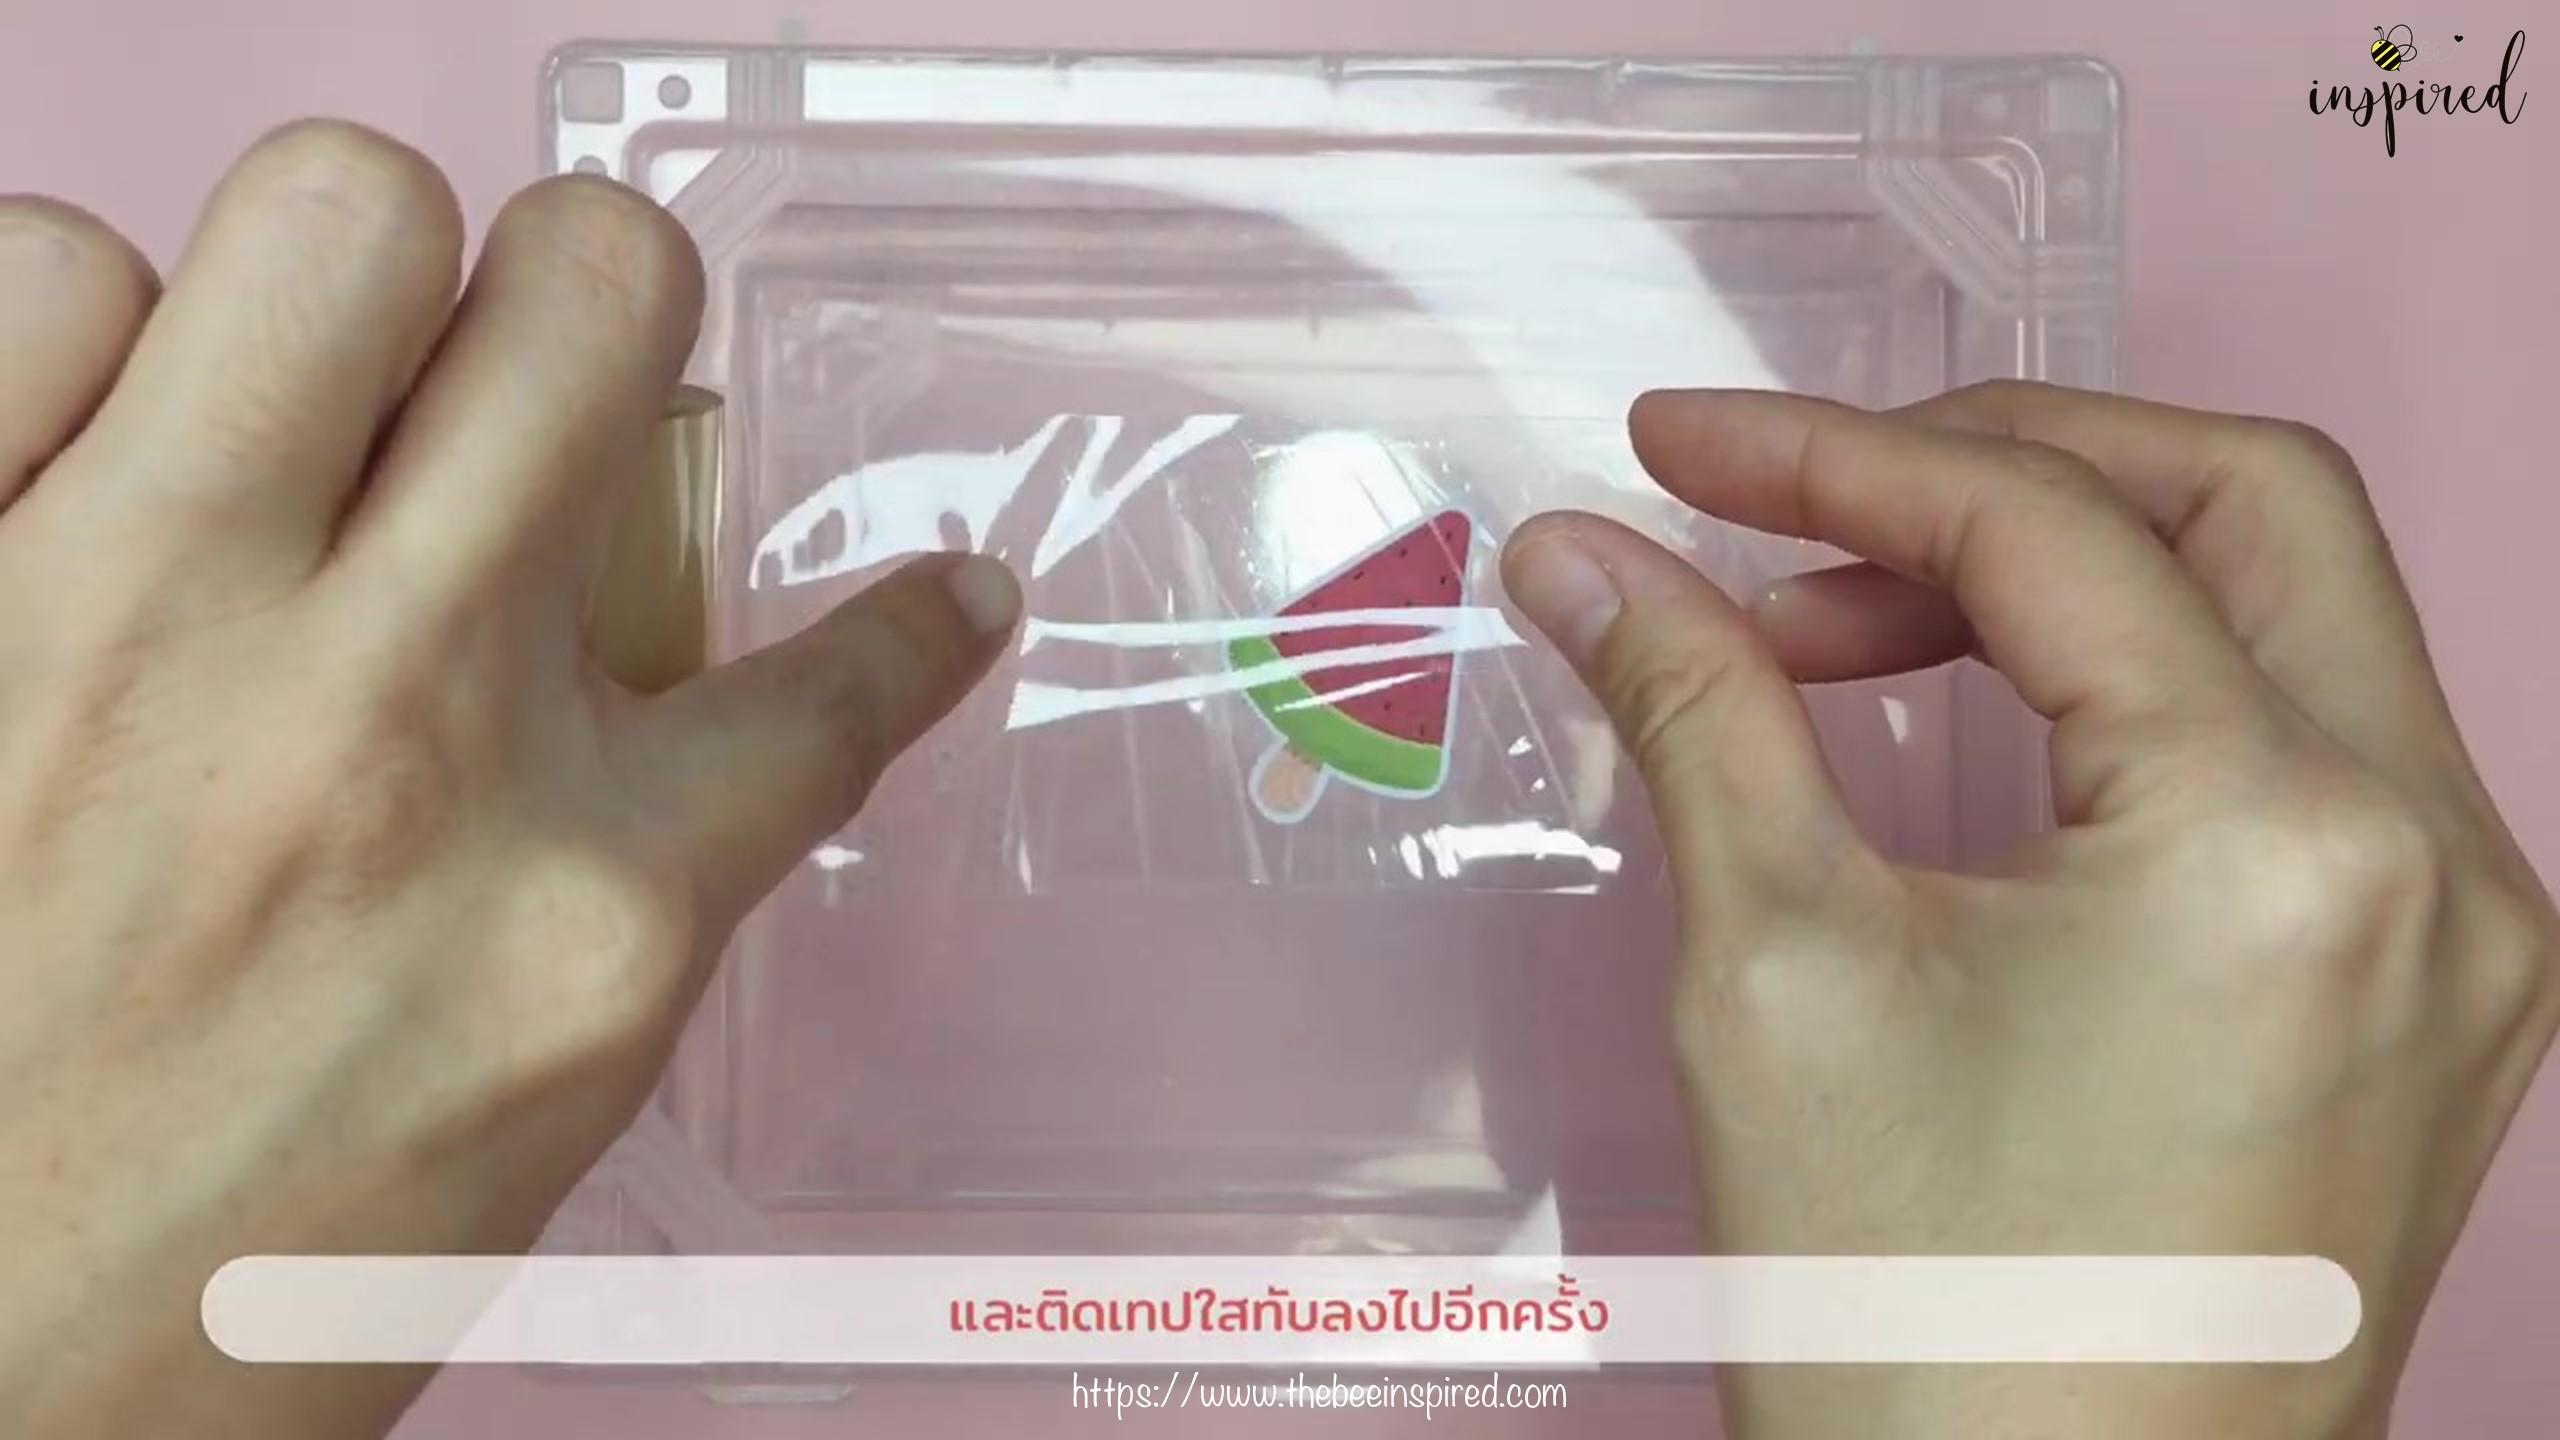 วิธีทำสติ๊กเกอร์ง่ายๆ ด้วยสก็อตเทปใส_ (Easy DIY) How to Make Sticker from Clear Packaging Tape_4